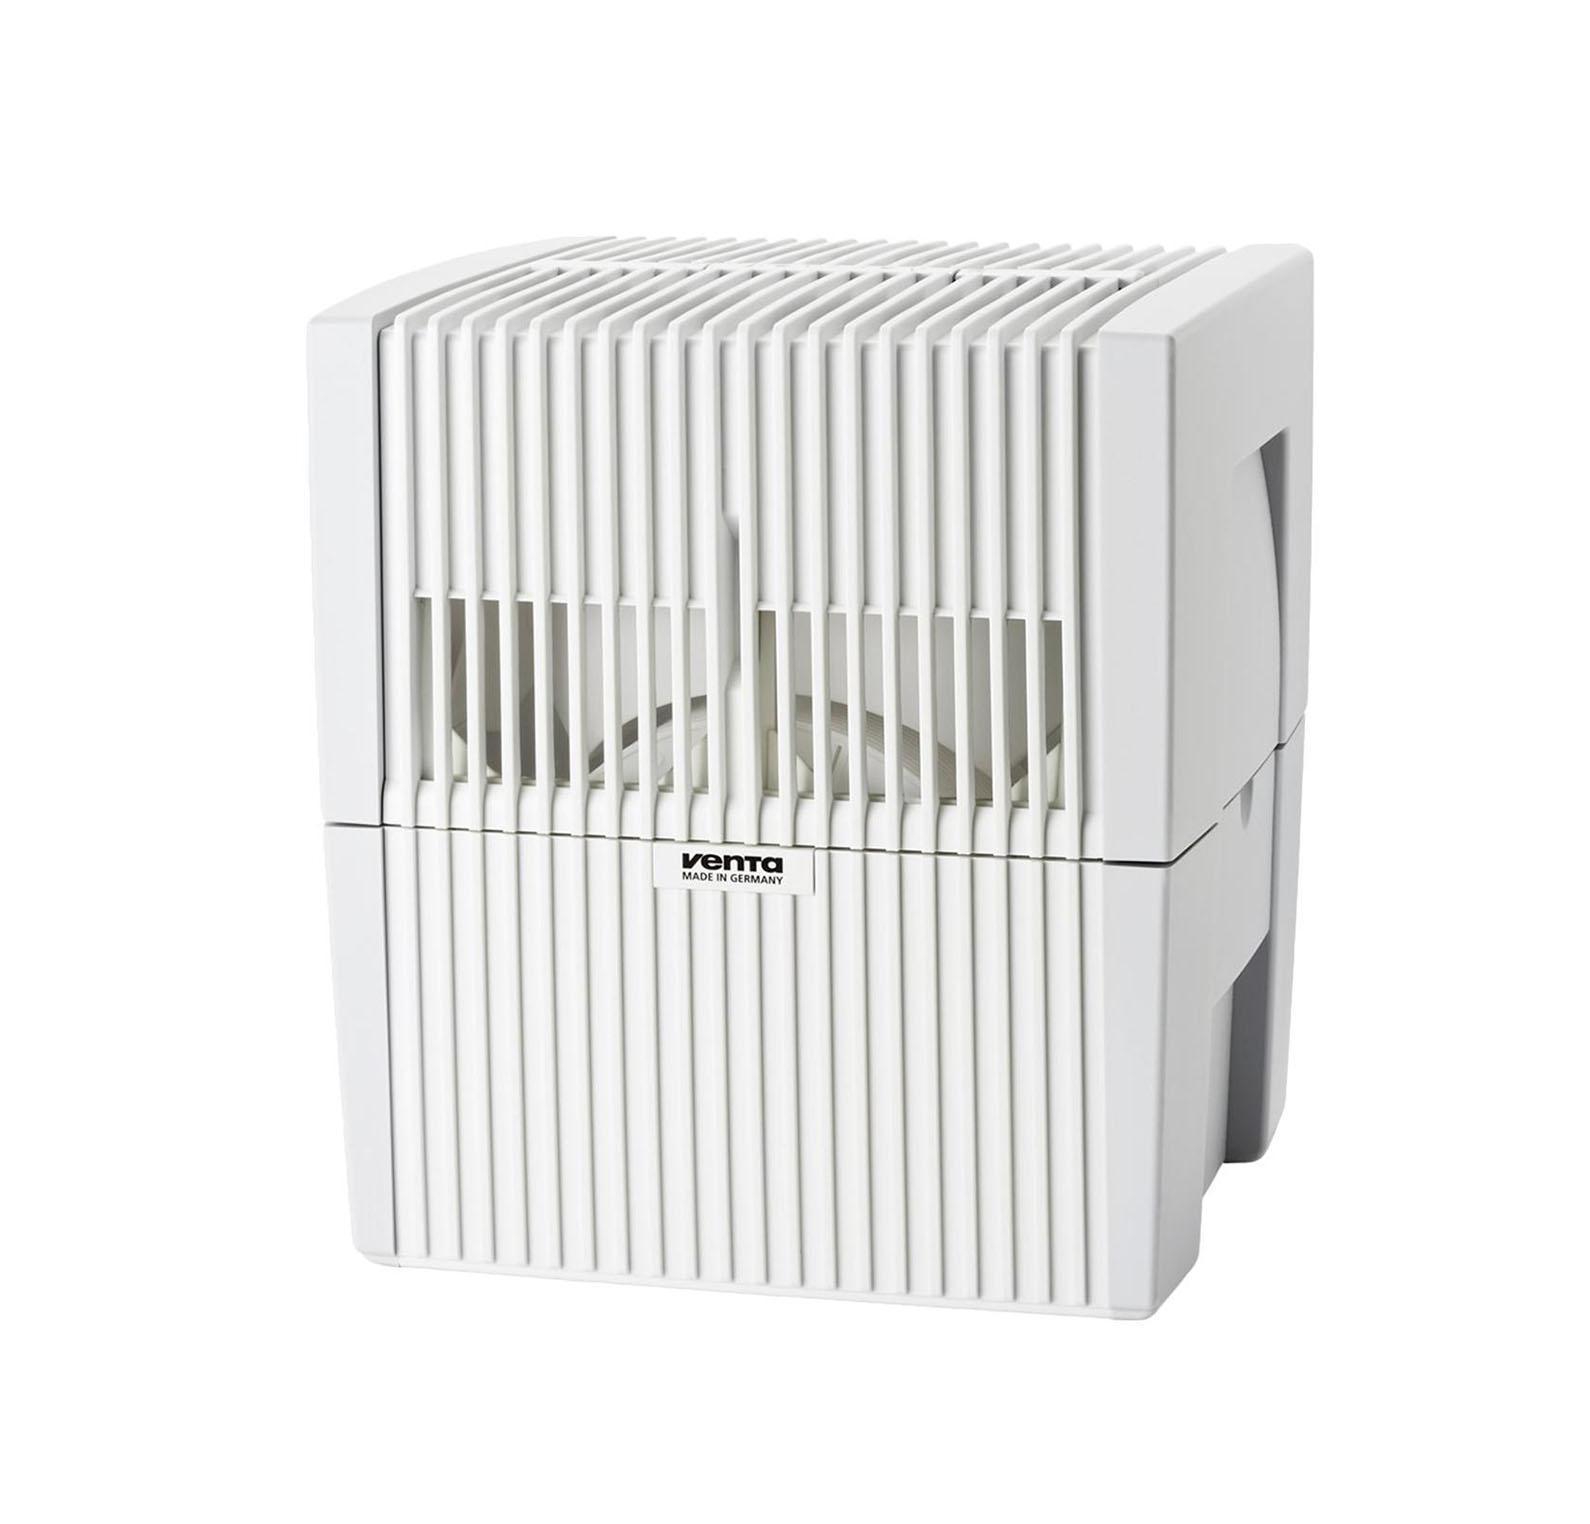 Venta LW 25, White Мойка воздуха очиститель воздуха venta lw 15 black